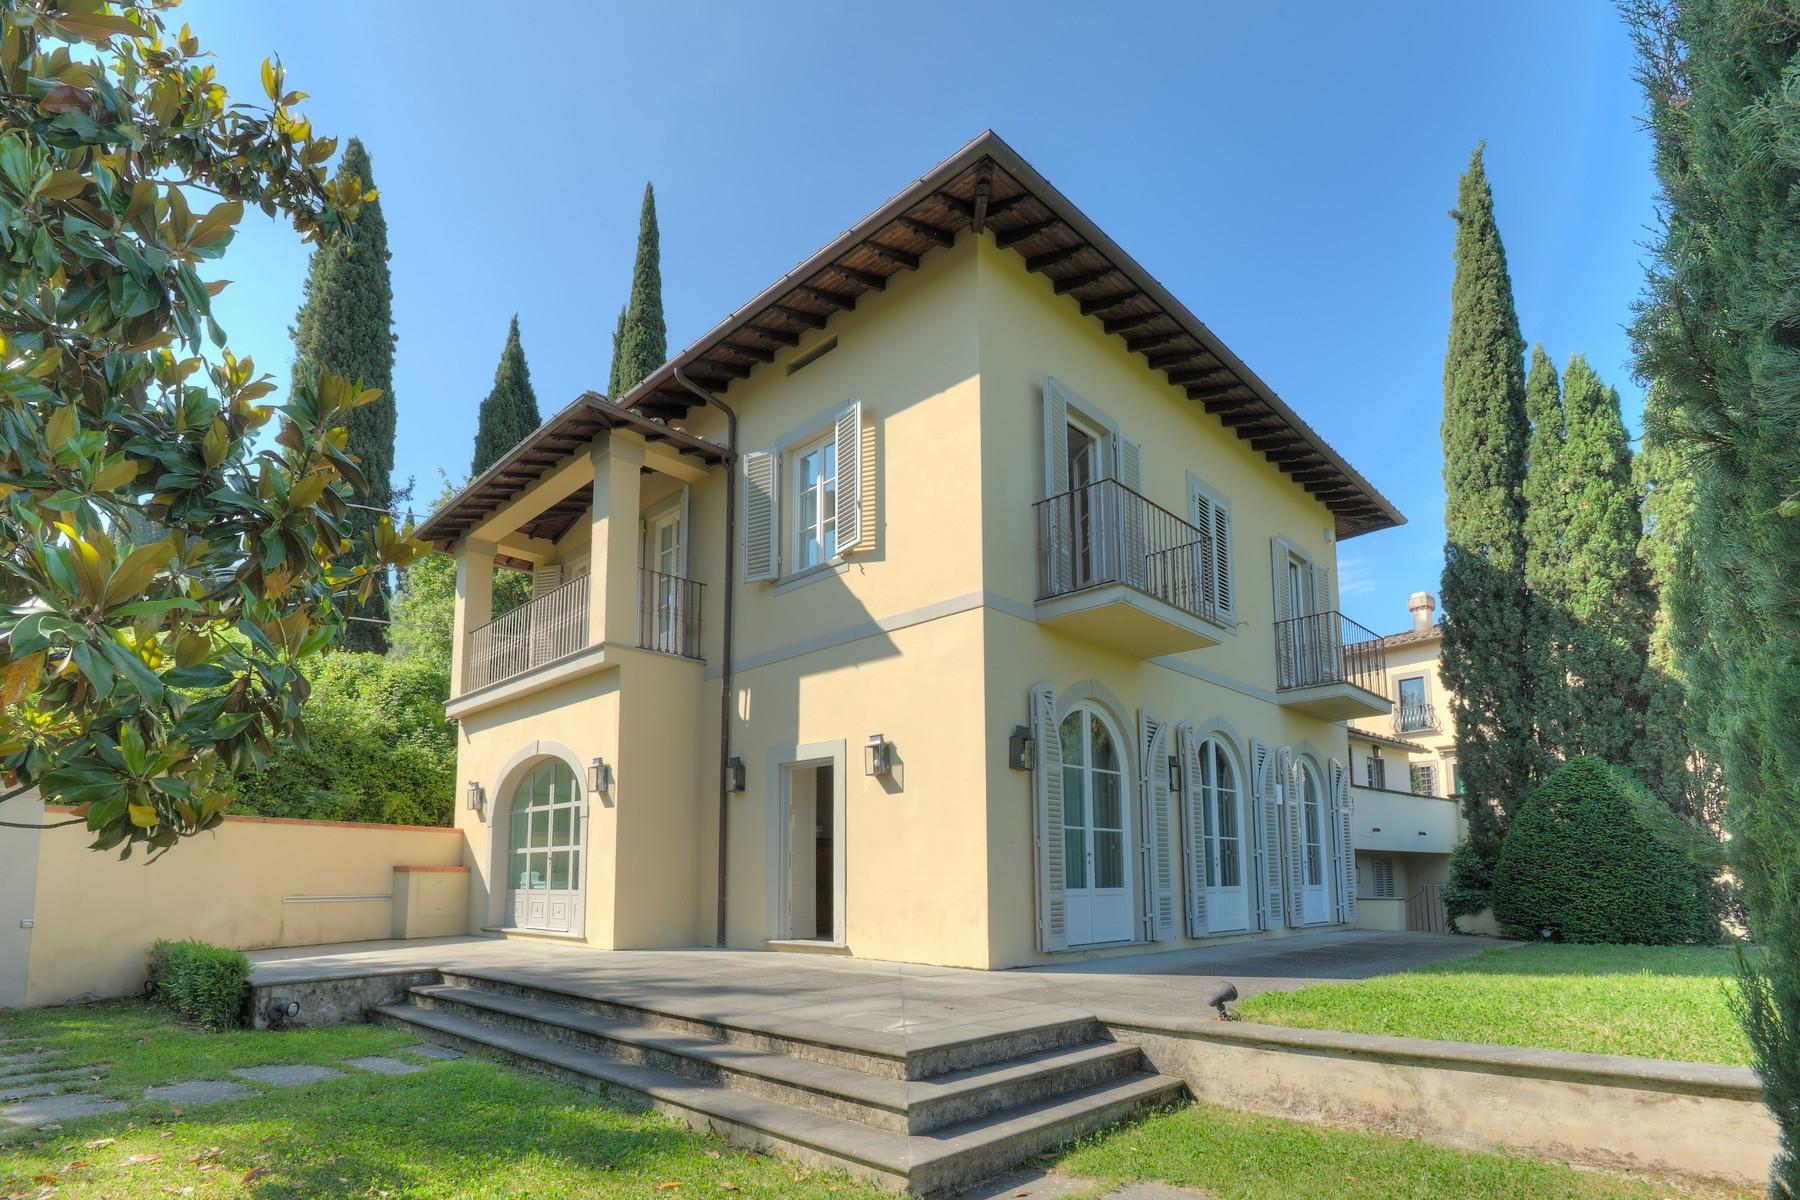 Villa in Vendita a Firenze: 5 locali, 360 mq - Foto 2